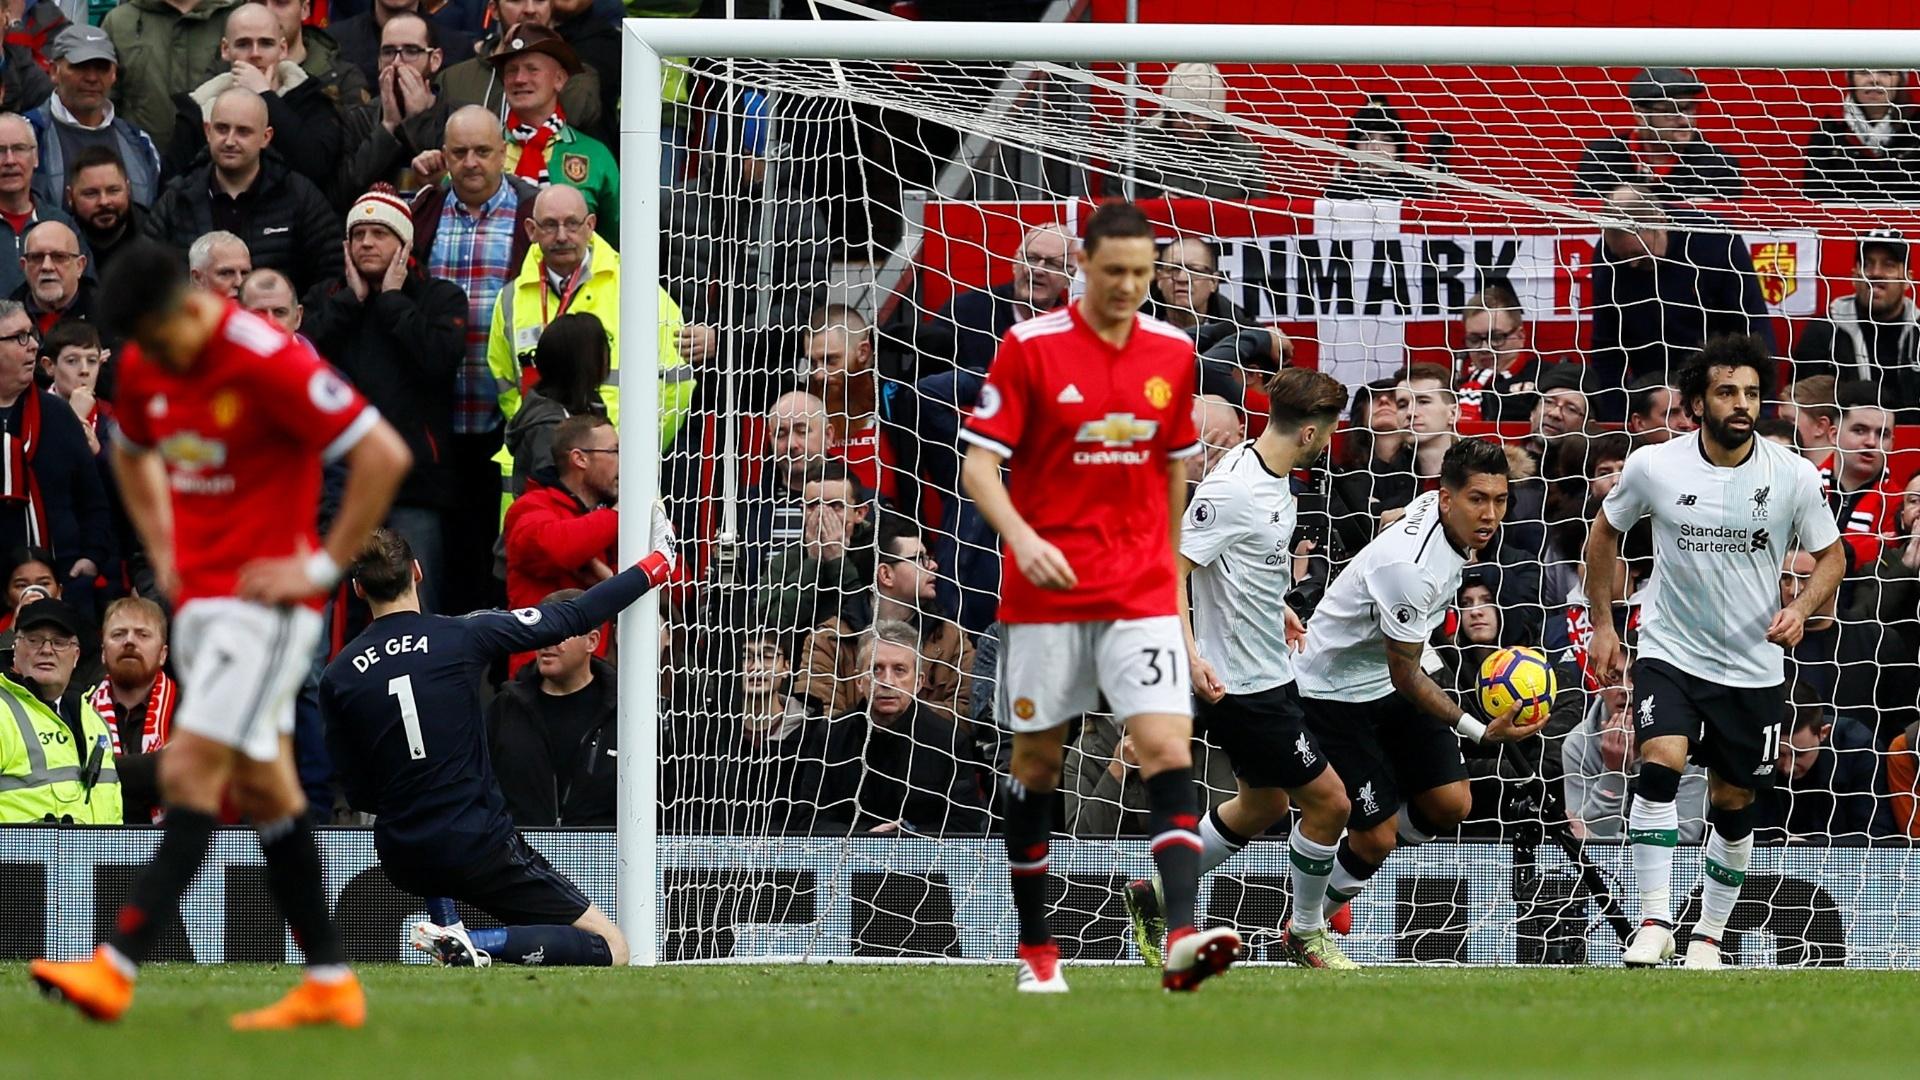 Jogadores do Liverpool comemoram após gol contra do zagueiro do United